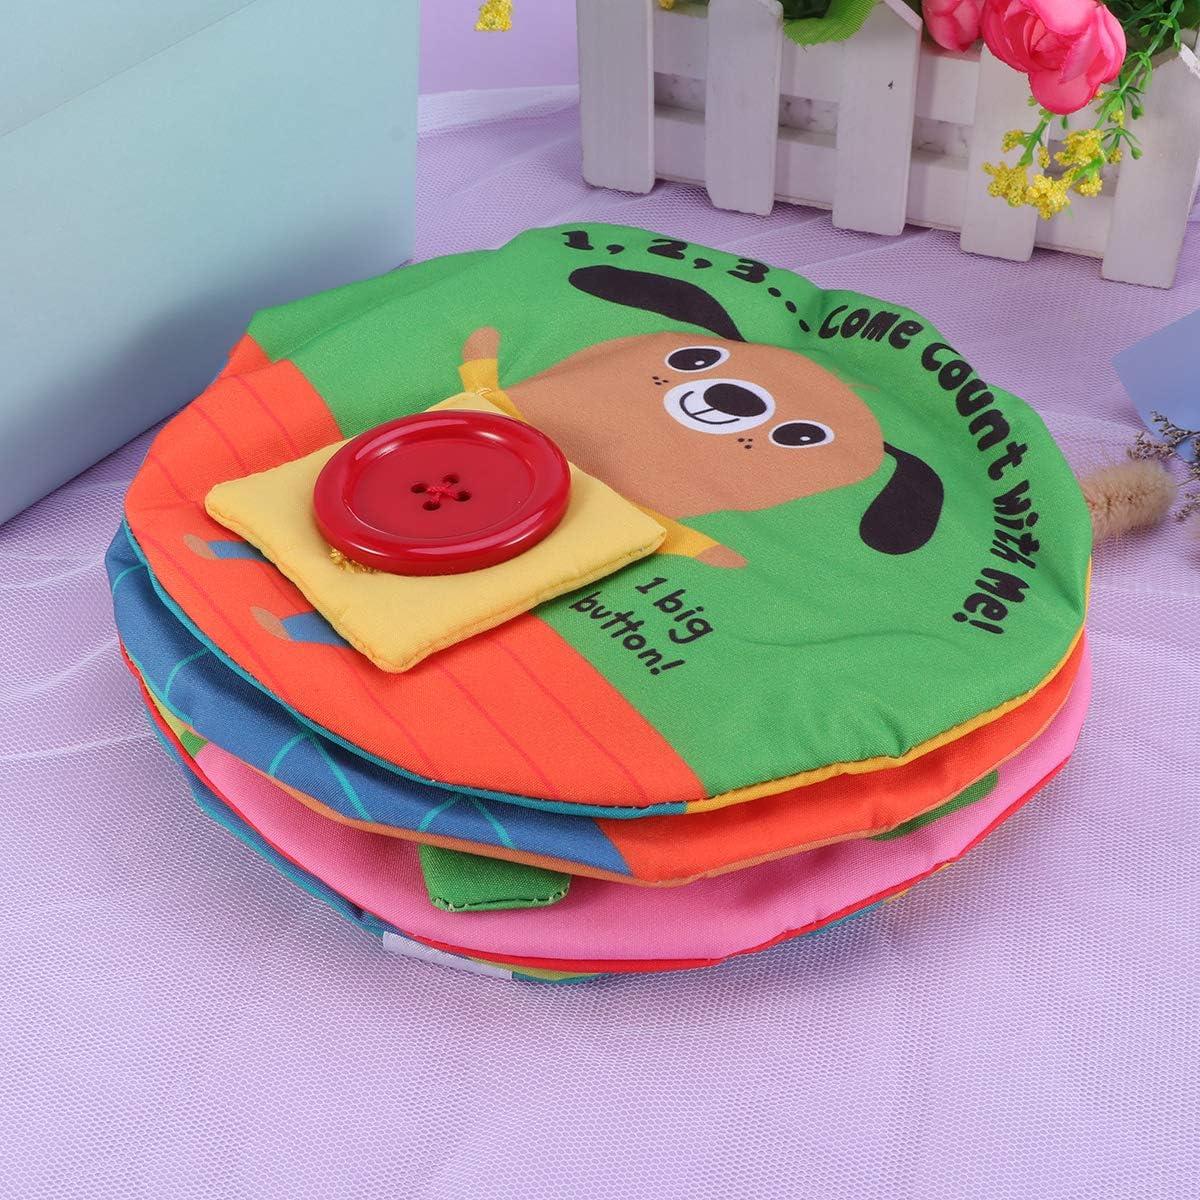 Toyvian Livre de b/éb/é en Premier Livre en Tissu pour Tout-Petits Tissu Non Toxique Livre Souple Livre /éducatif pr/écoce pour b/éb/é